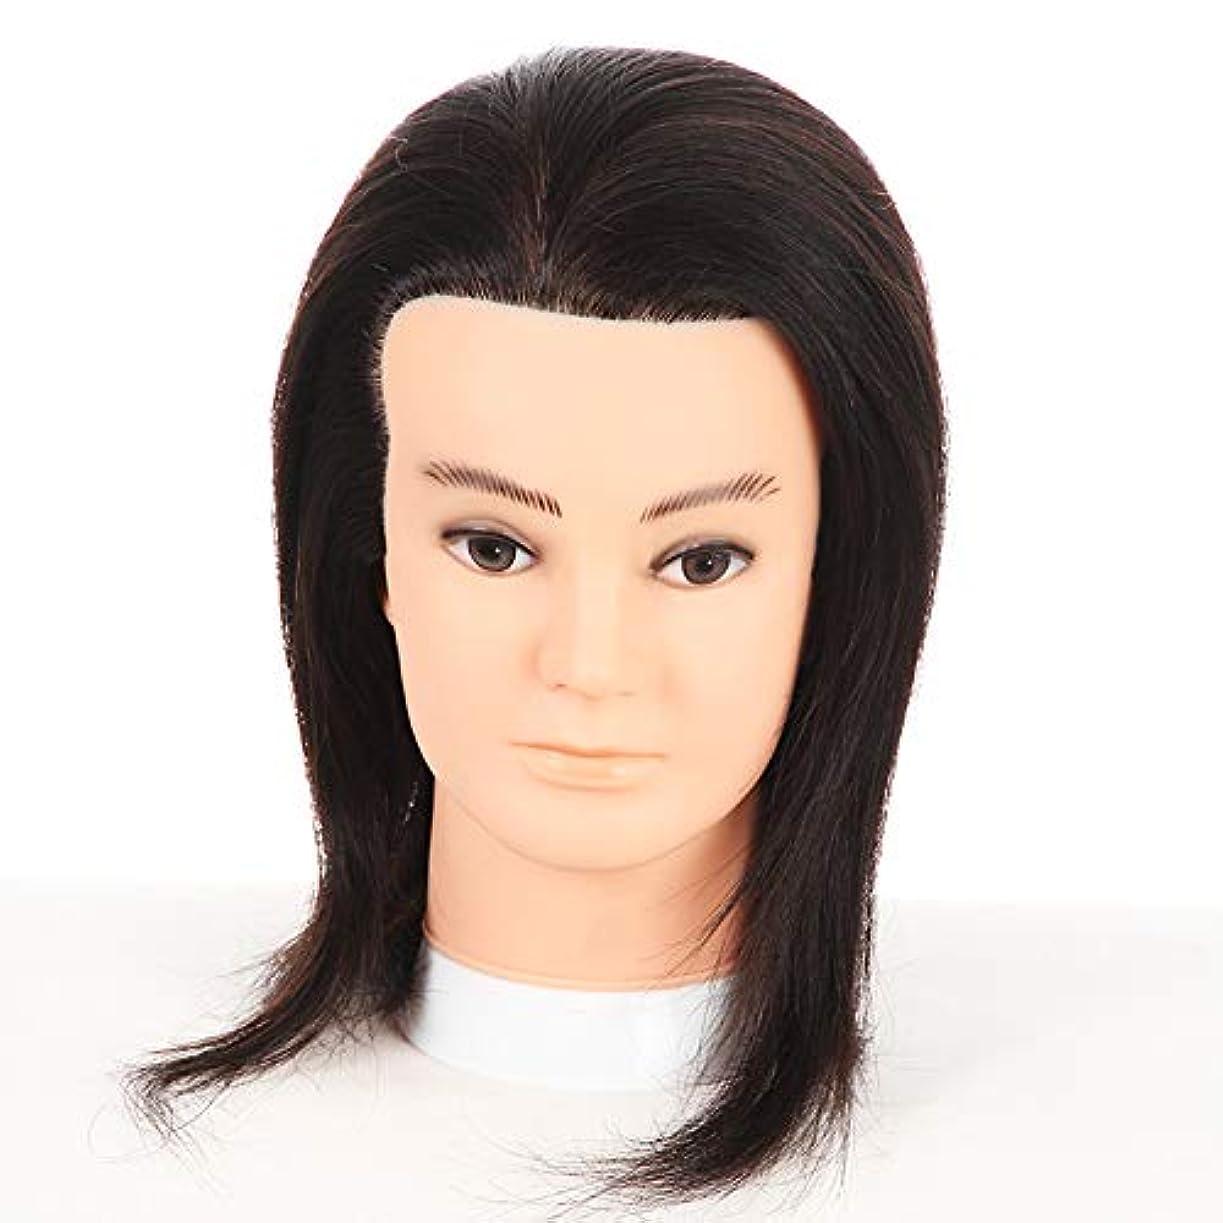 アクション速い郵便屋さんリアルヘアーヘアスタイリングマネキンヘッド男性ヘッドモデルティーチングヘッド理髪店編組染毛学習ダミーヘッド